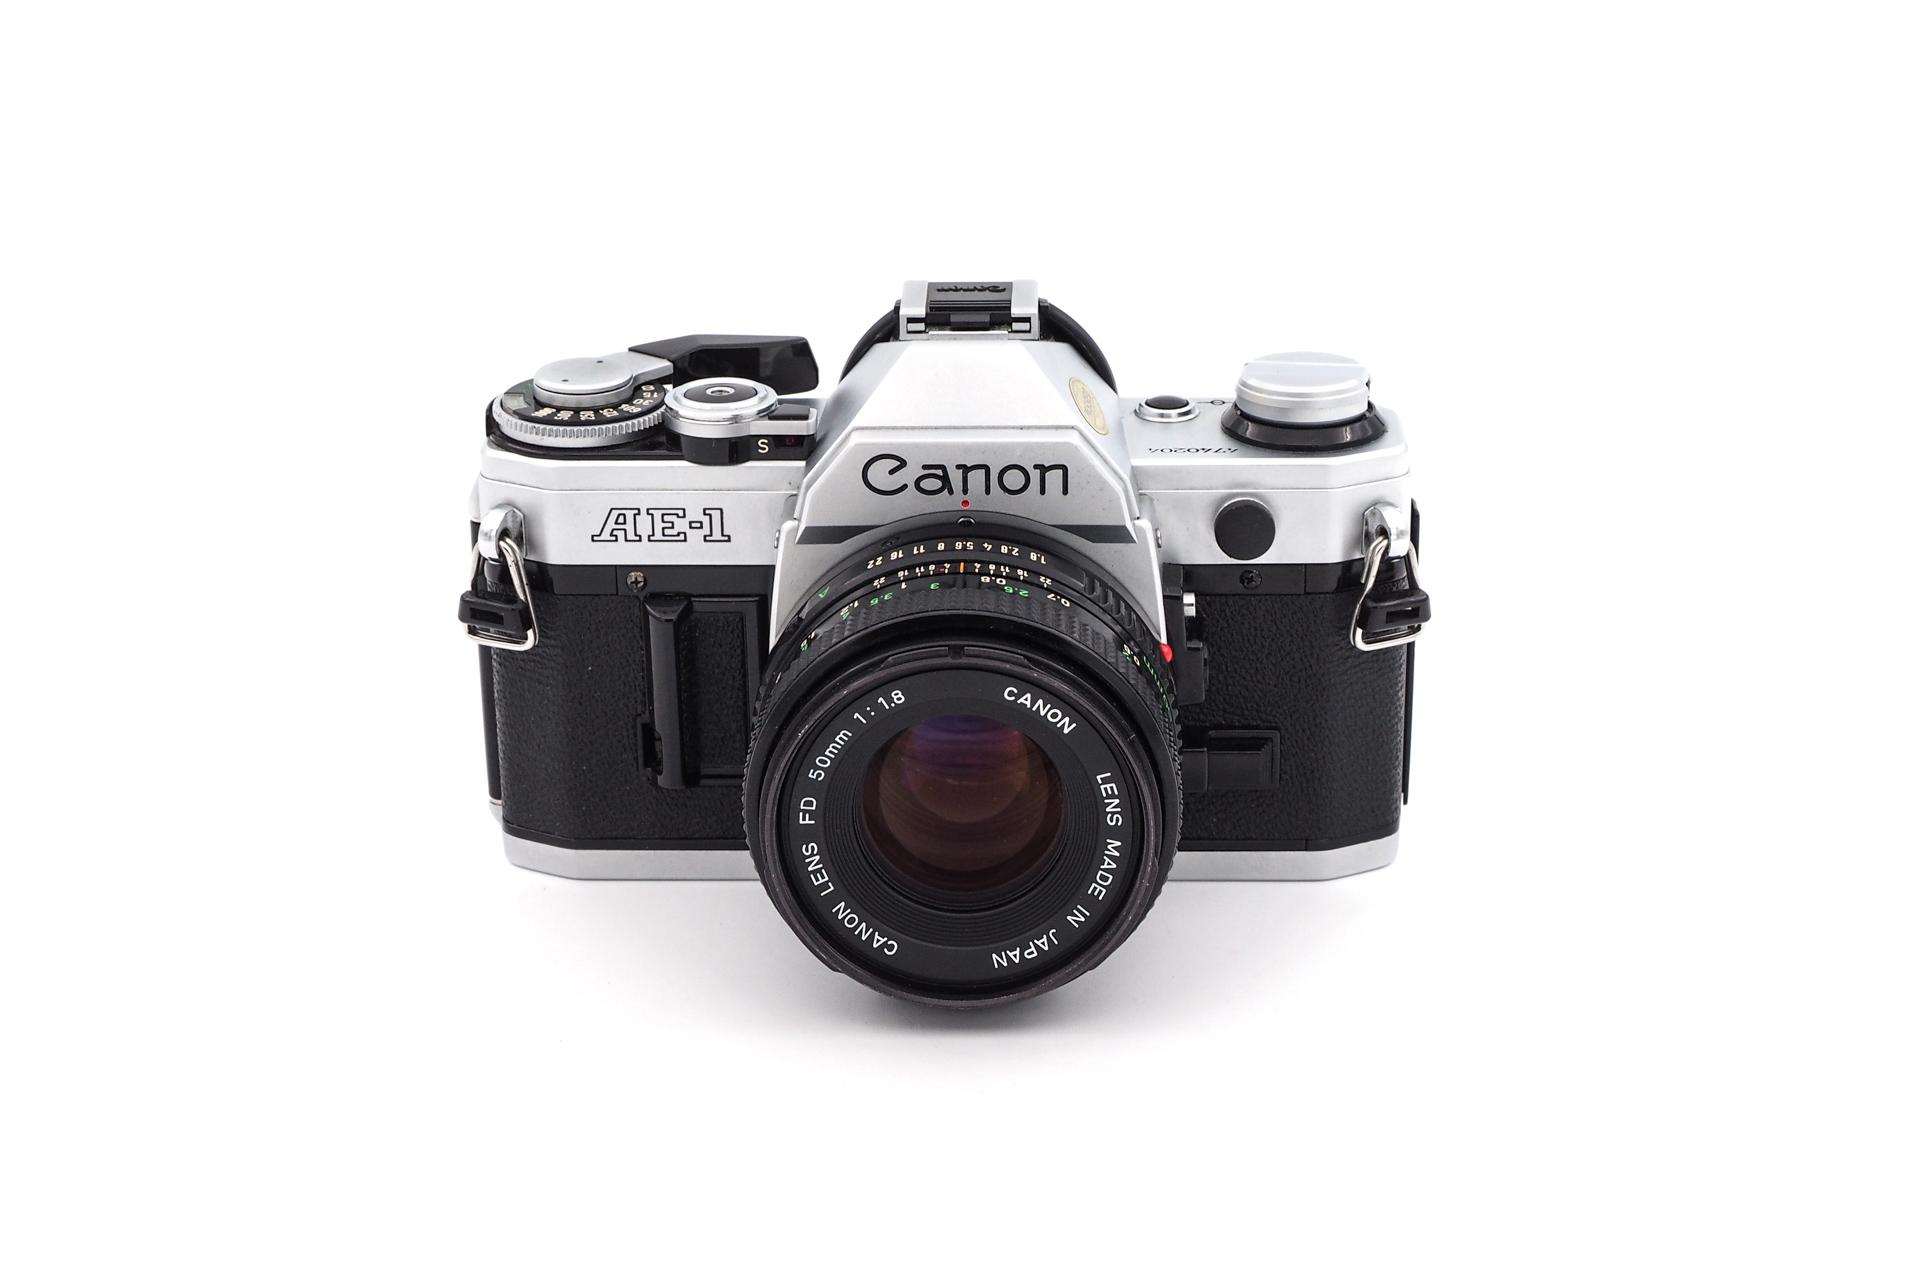 Canon AE-1 + 50mm F/1.8